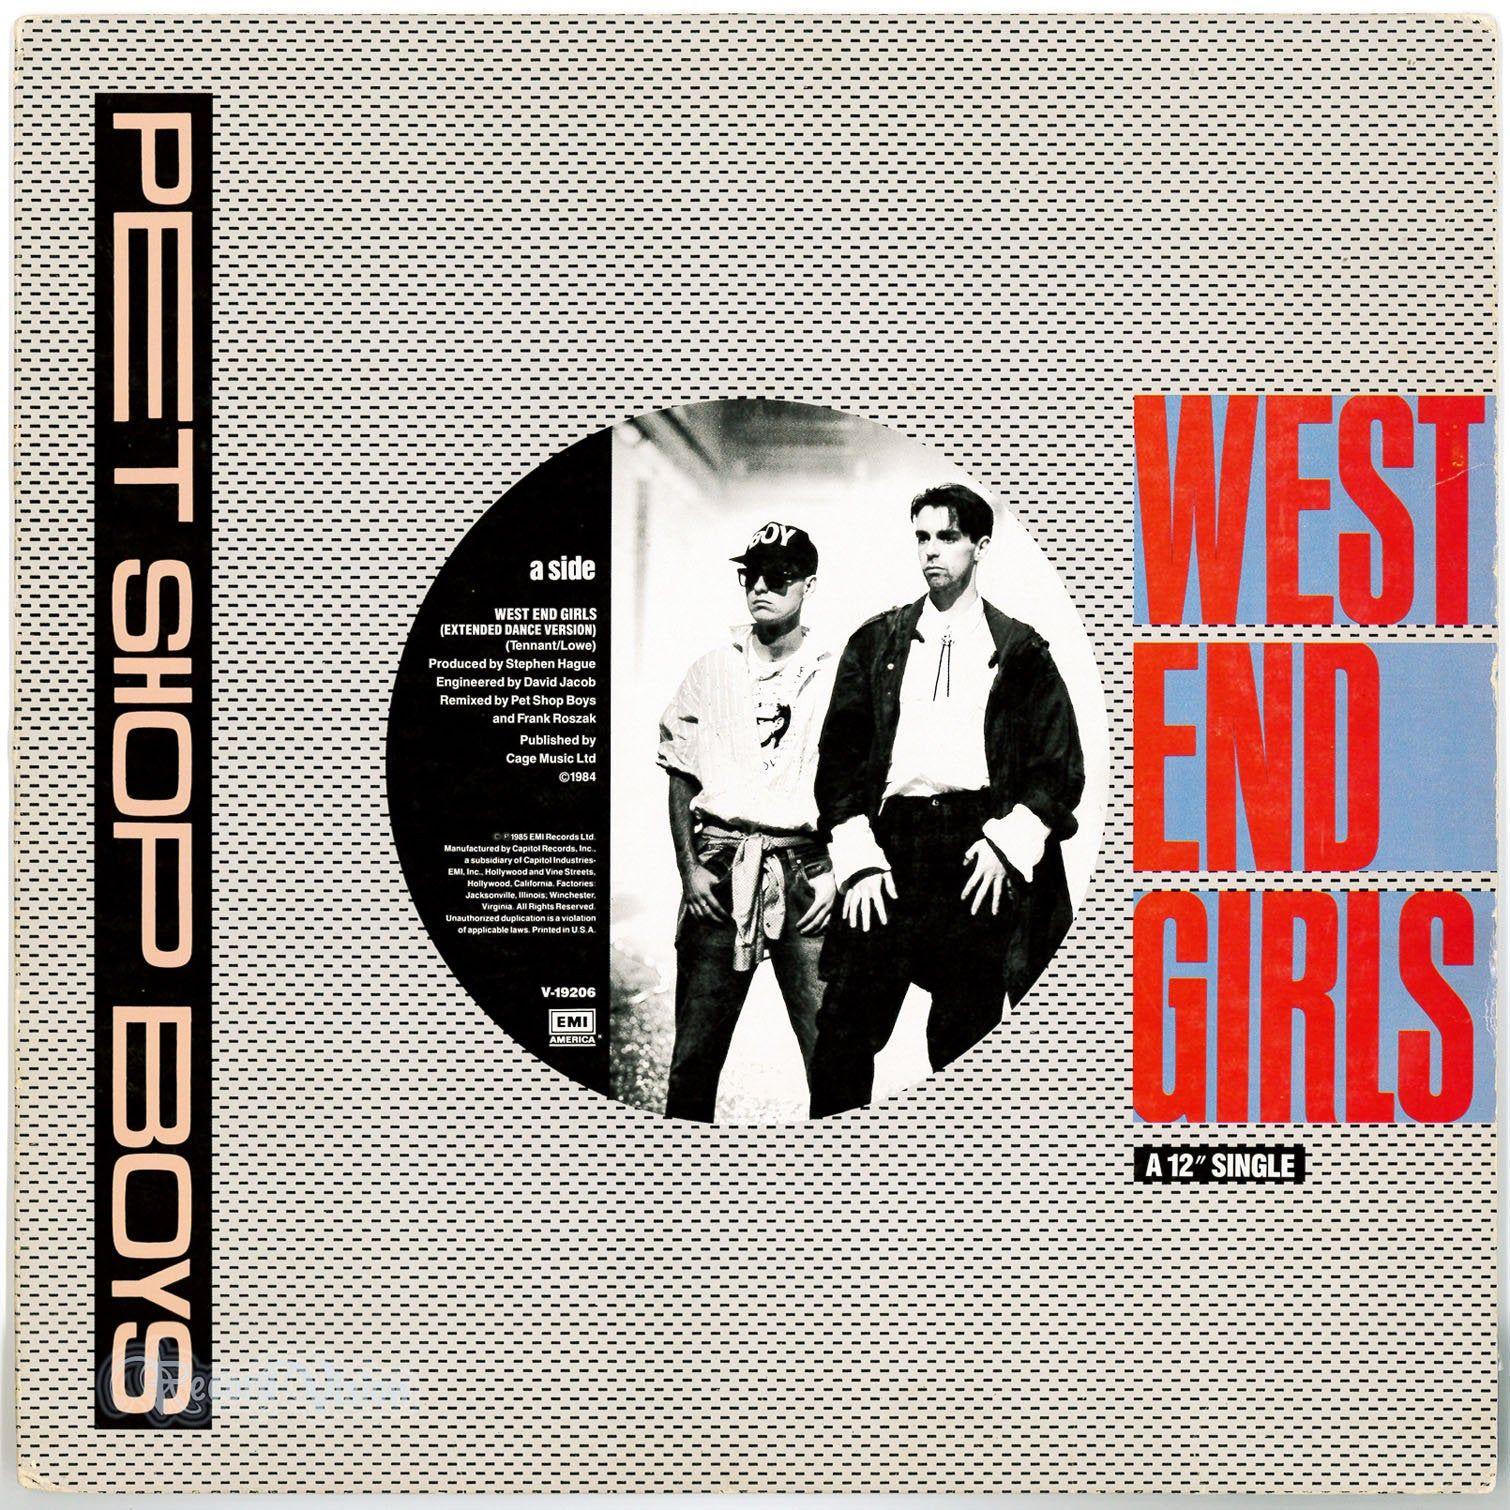 Pet Shop Boys West End Girls 1985 Vinyl 12 Single Remix